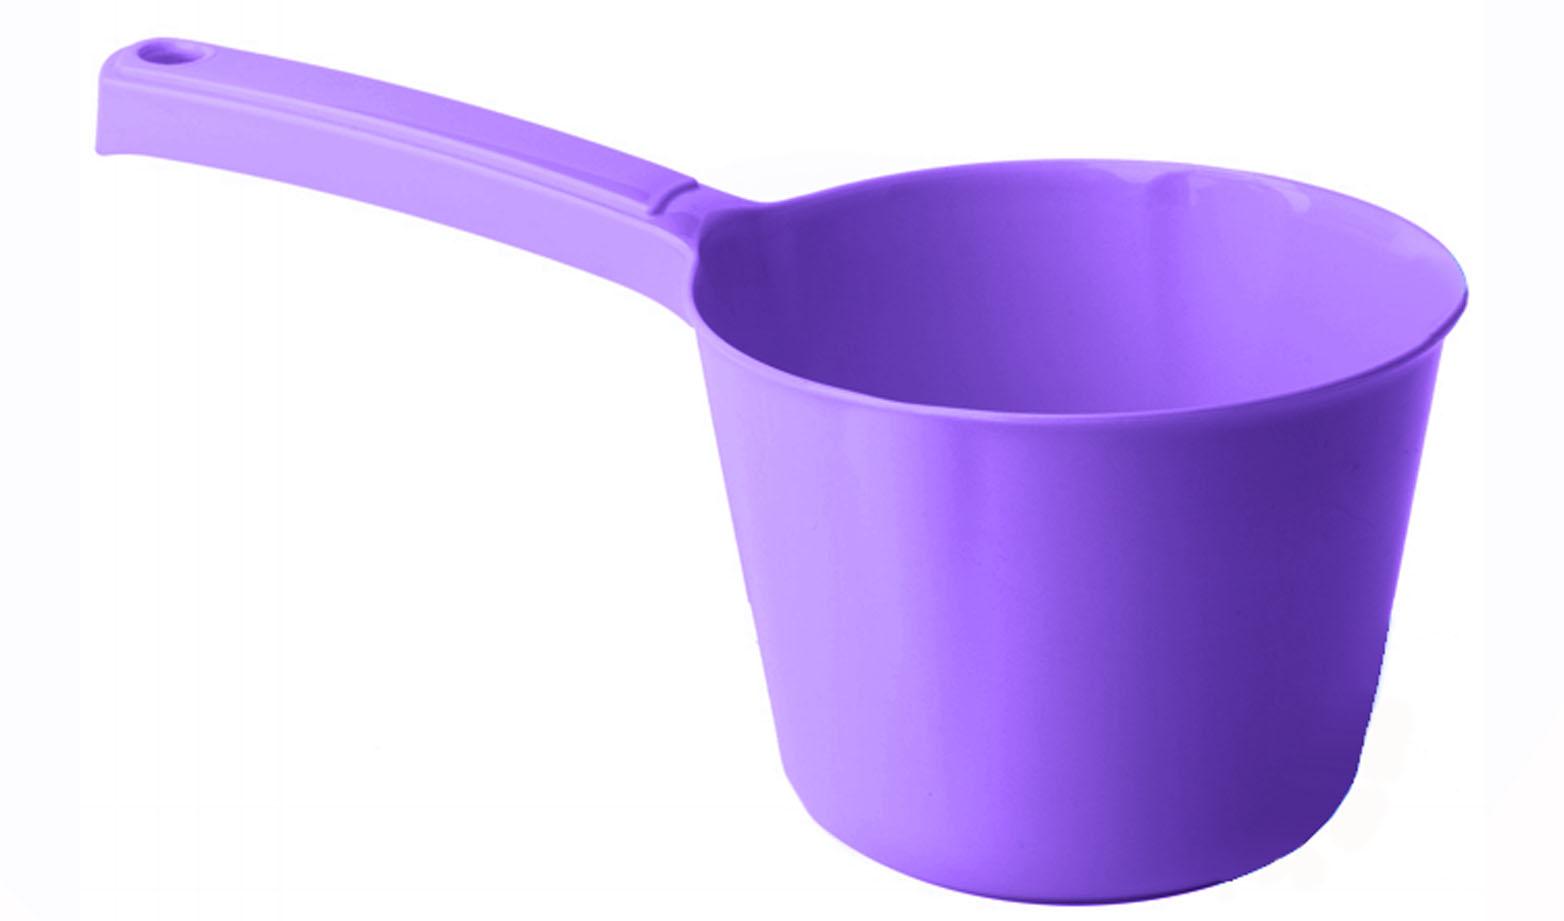 Ковш Idea, цвет: сиреневый, 1 л68/5/4Ковш Idea изготовлен из высококачественного цветного пластика. Изделие используется для моечных и обливных процедур, для черпания и переливания воды и других жидкостей. Ковш оснащен удобной эргономичной ручкой с петелькой для подвешивания на крючок. Диаметр ковша (по верхнему краю): 13,5 см.Высота стенки ковша: 10 см.Длина ручки: 12 см.